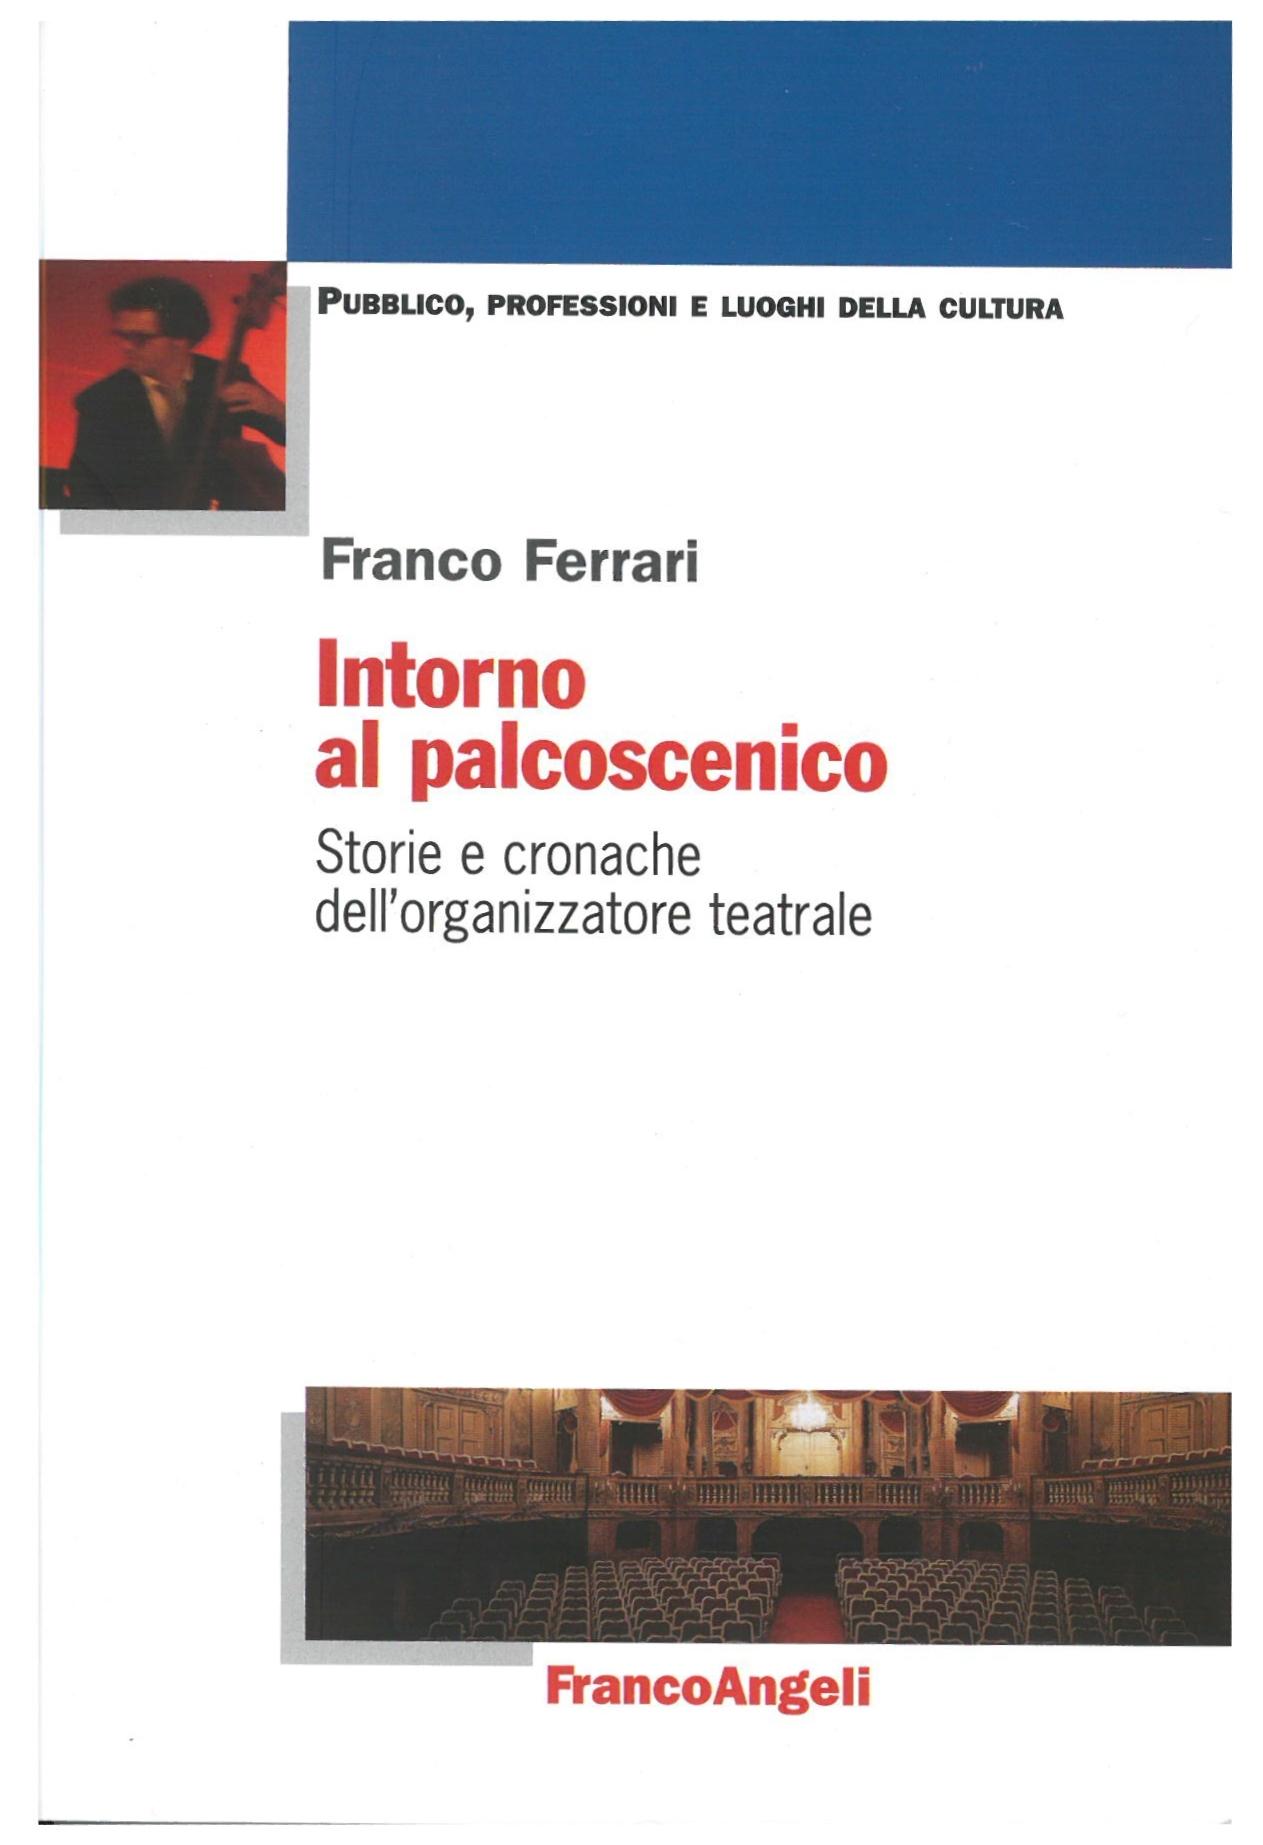 Copertina Intorno al Palcoscenico - Franco Ferrari